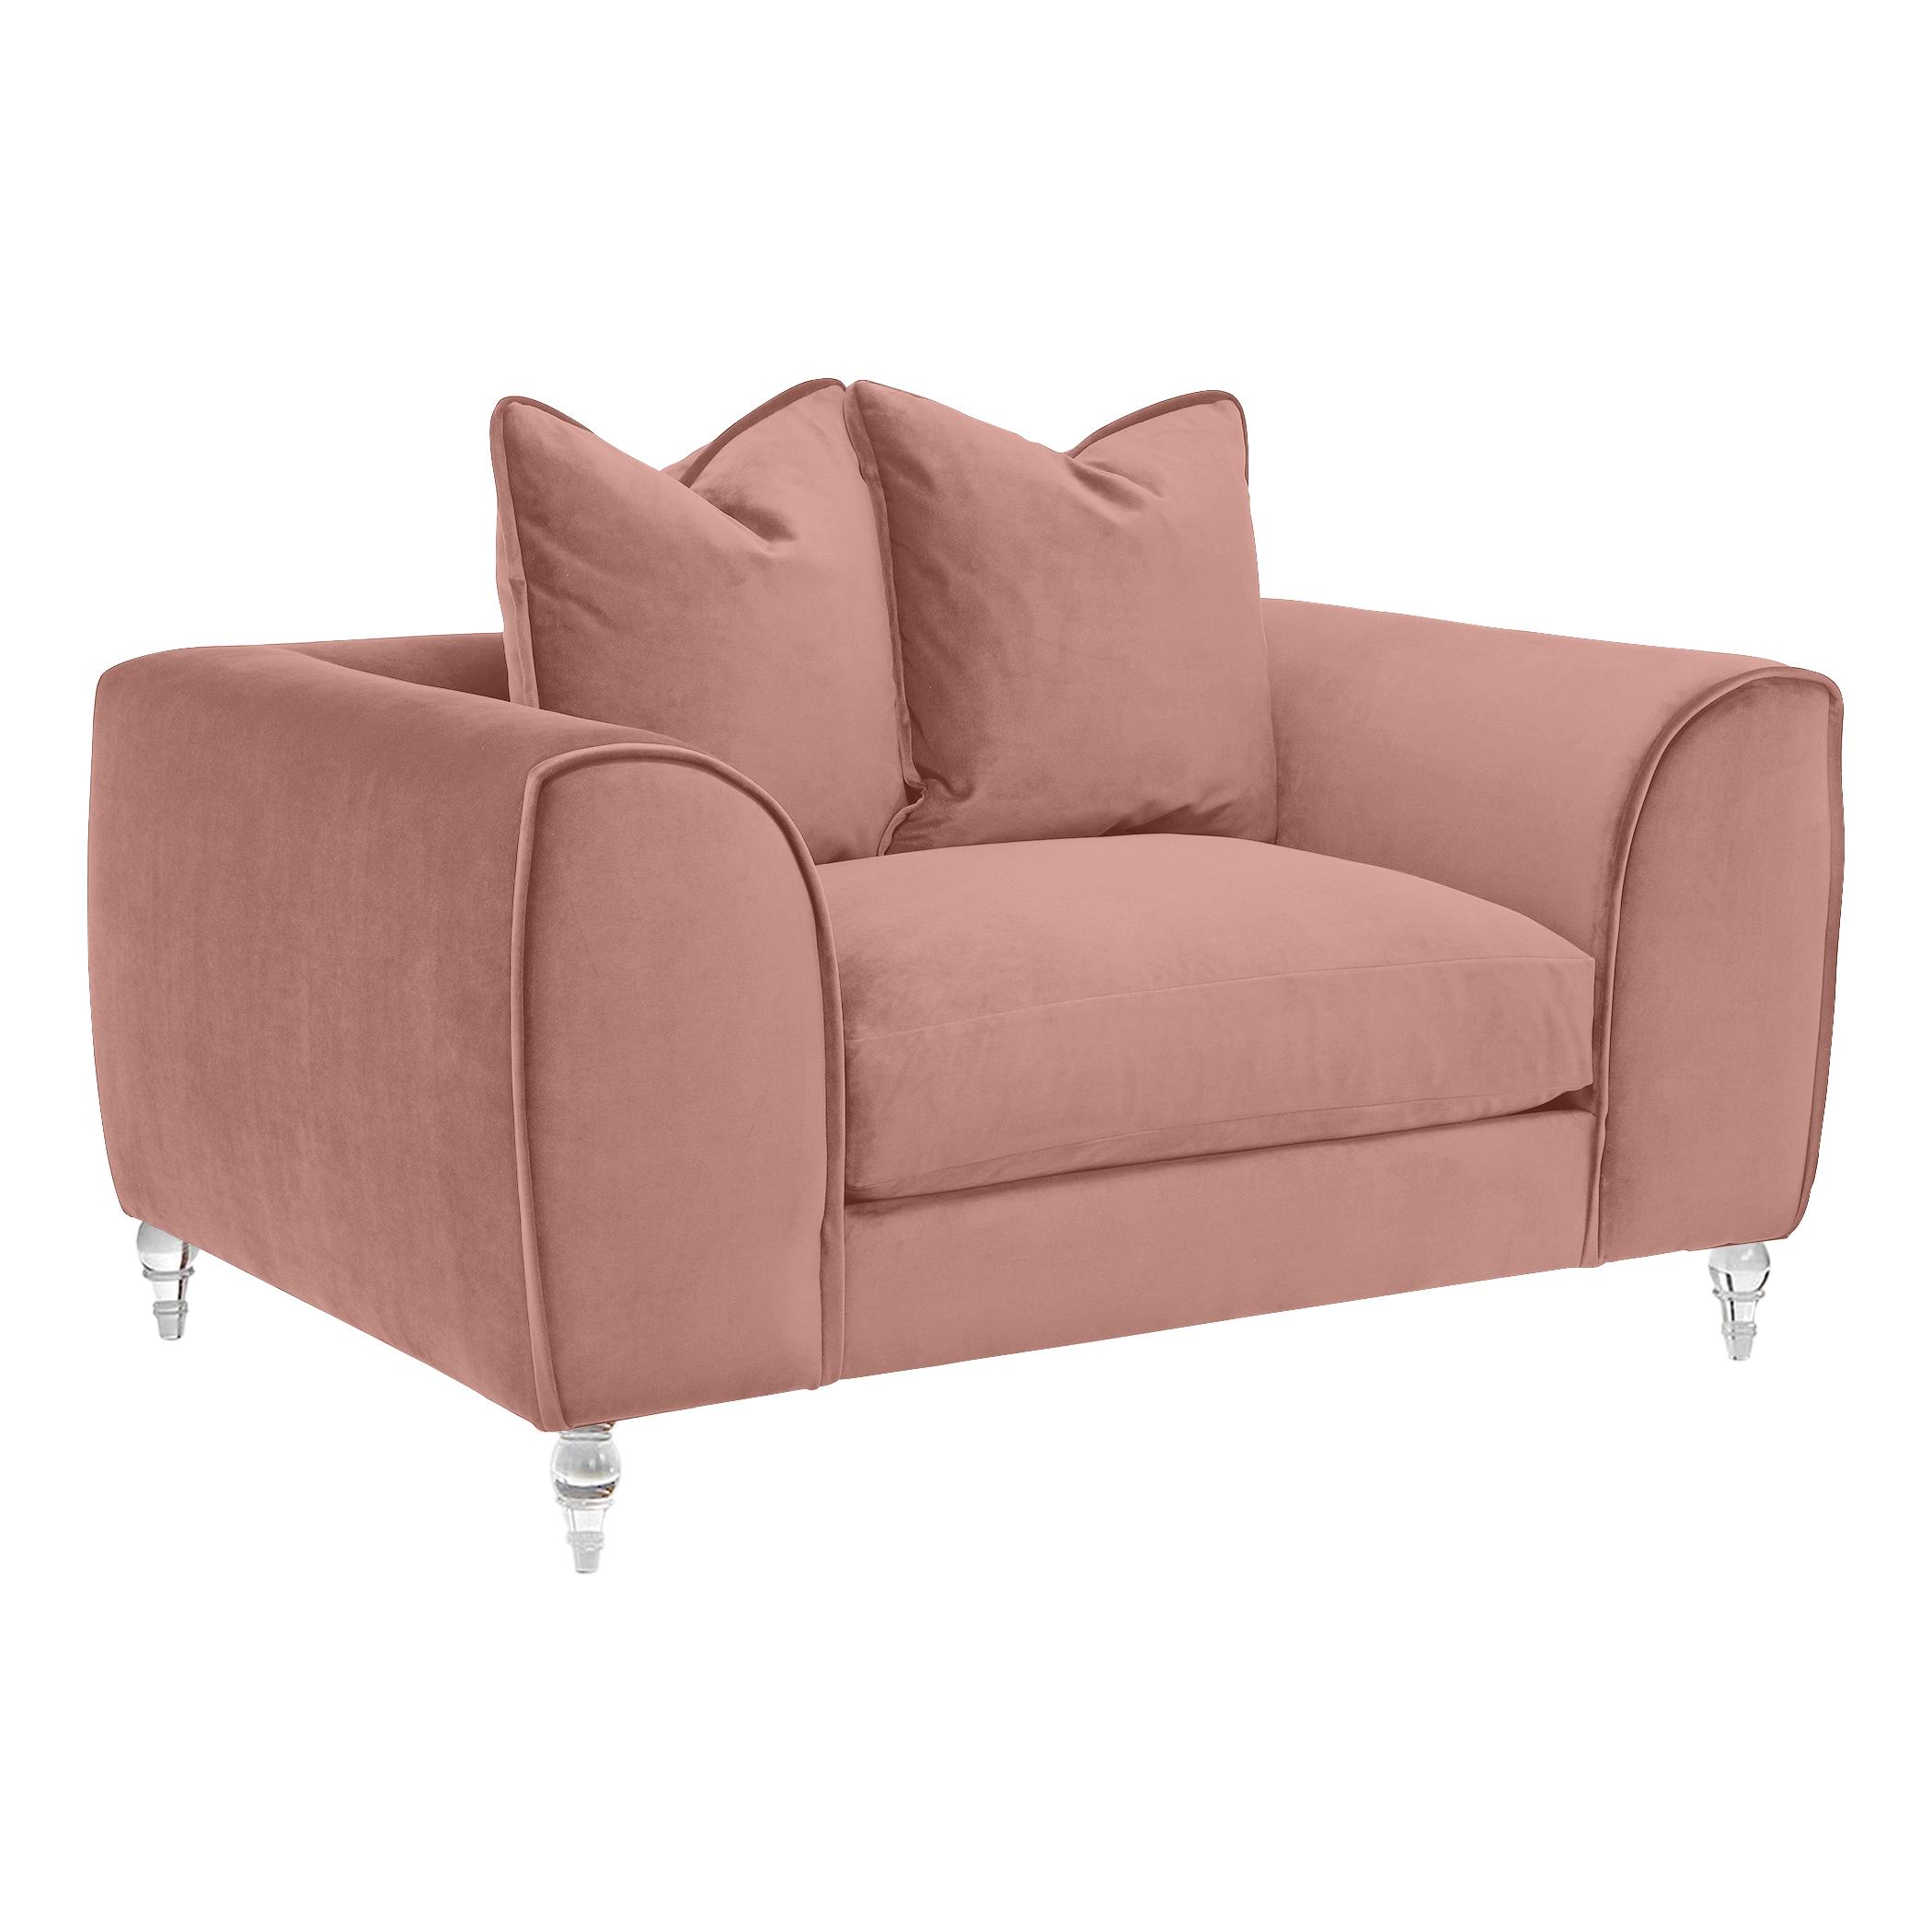 Nia Chair